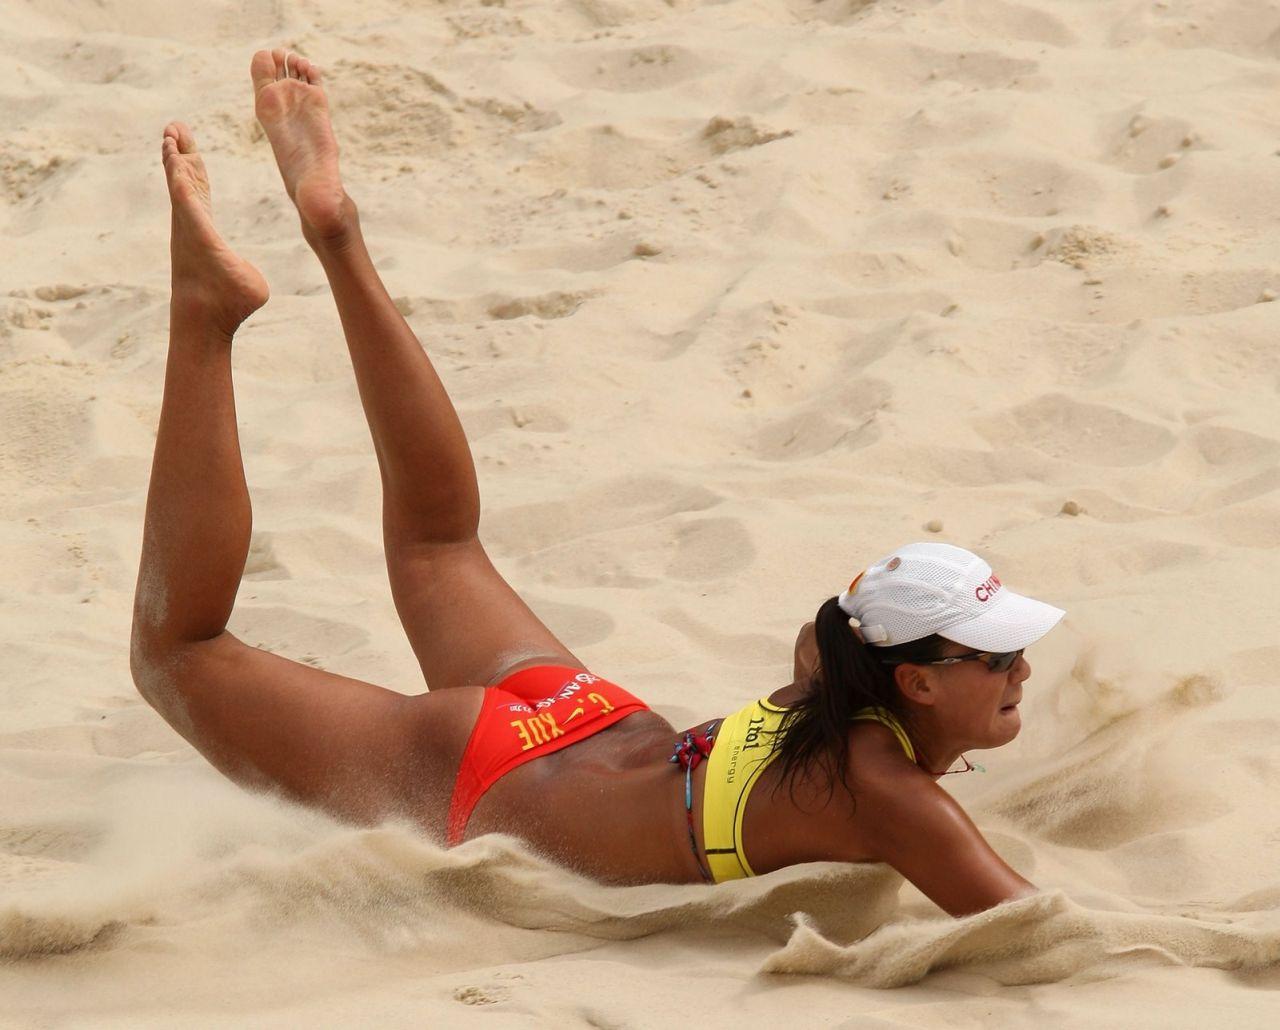 Эротические фото женского пляжного волейбола 15 фотография